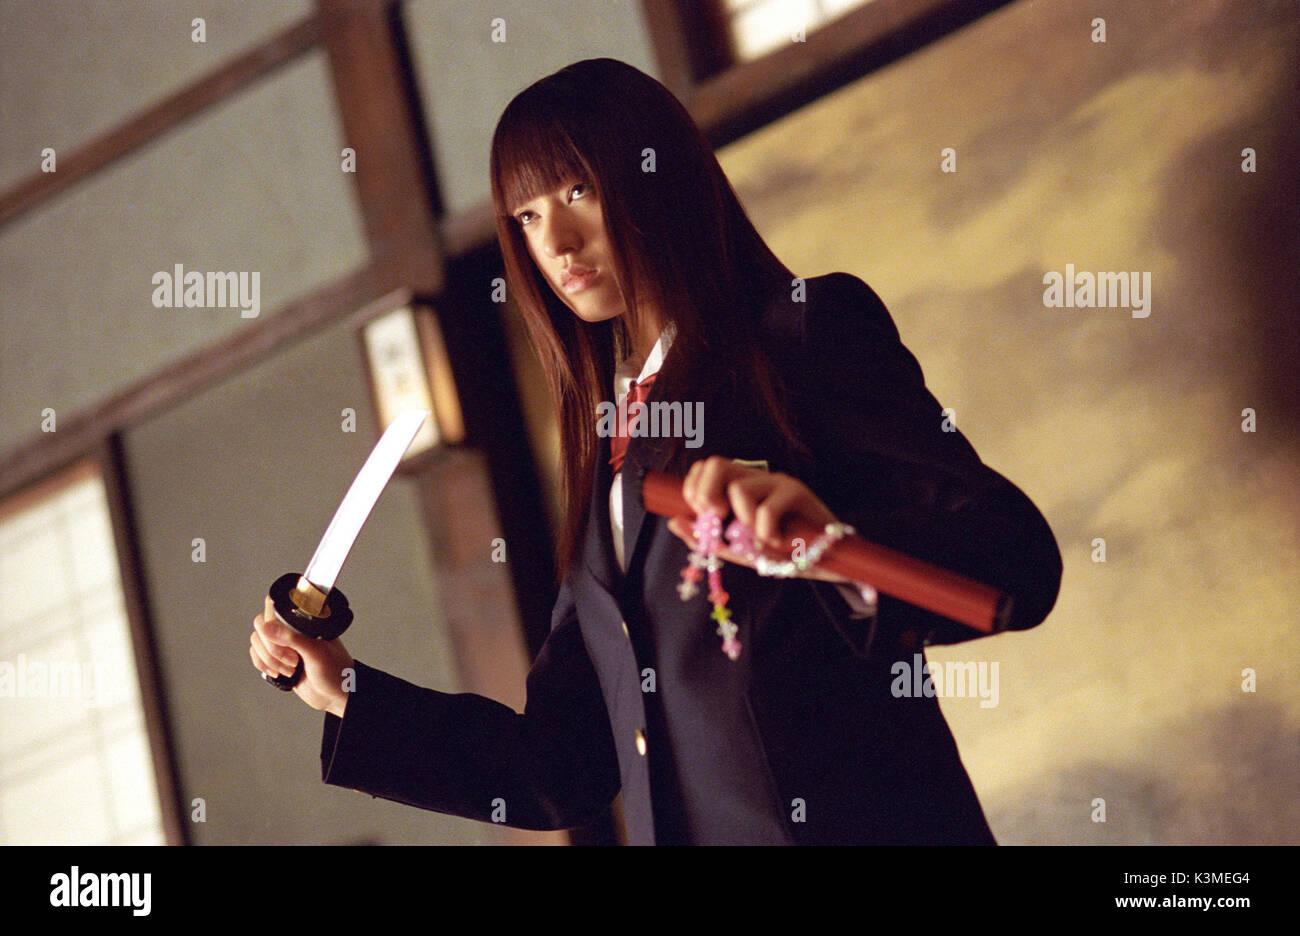 Kill bill vol 3 release date in Australia